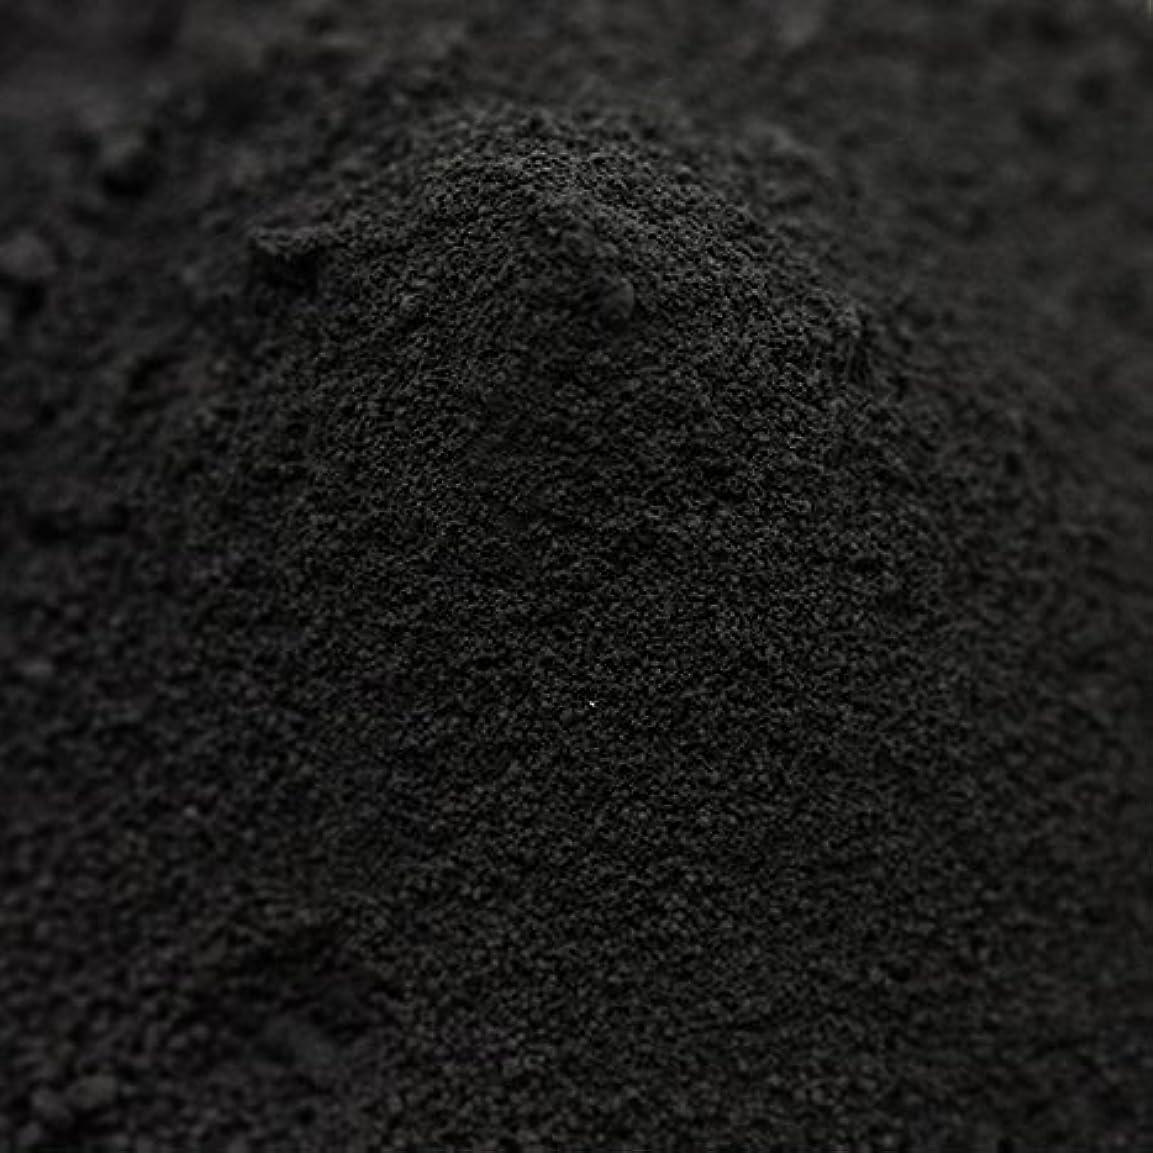 竹炭パウダー(超微粉末) 50g 【手作り石鹸/手作りコスメに】